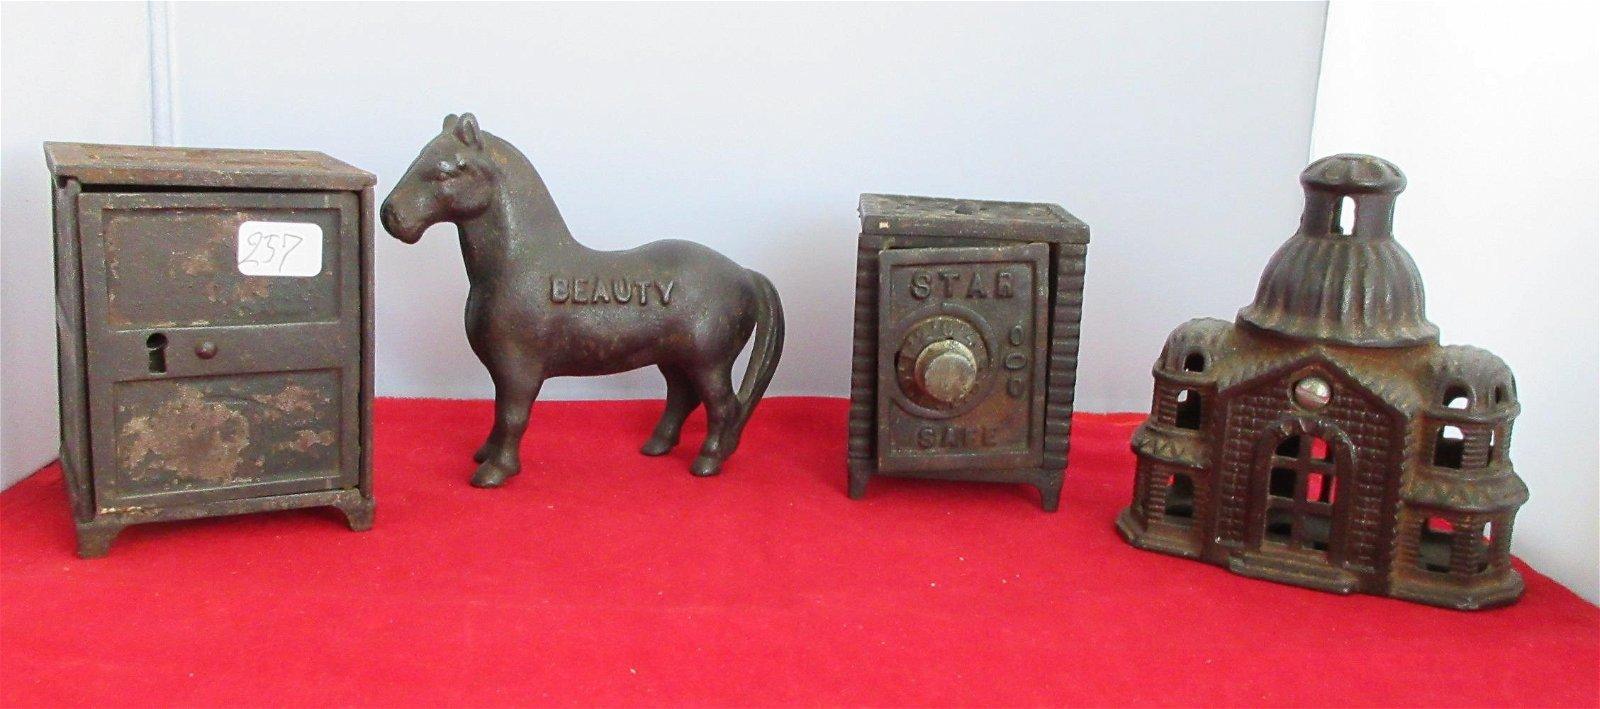 Four antique cast iron banks.